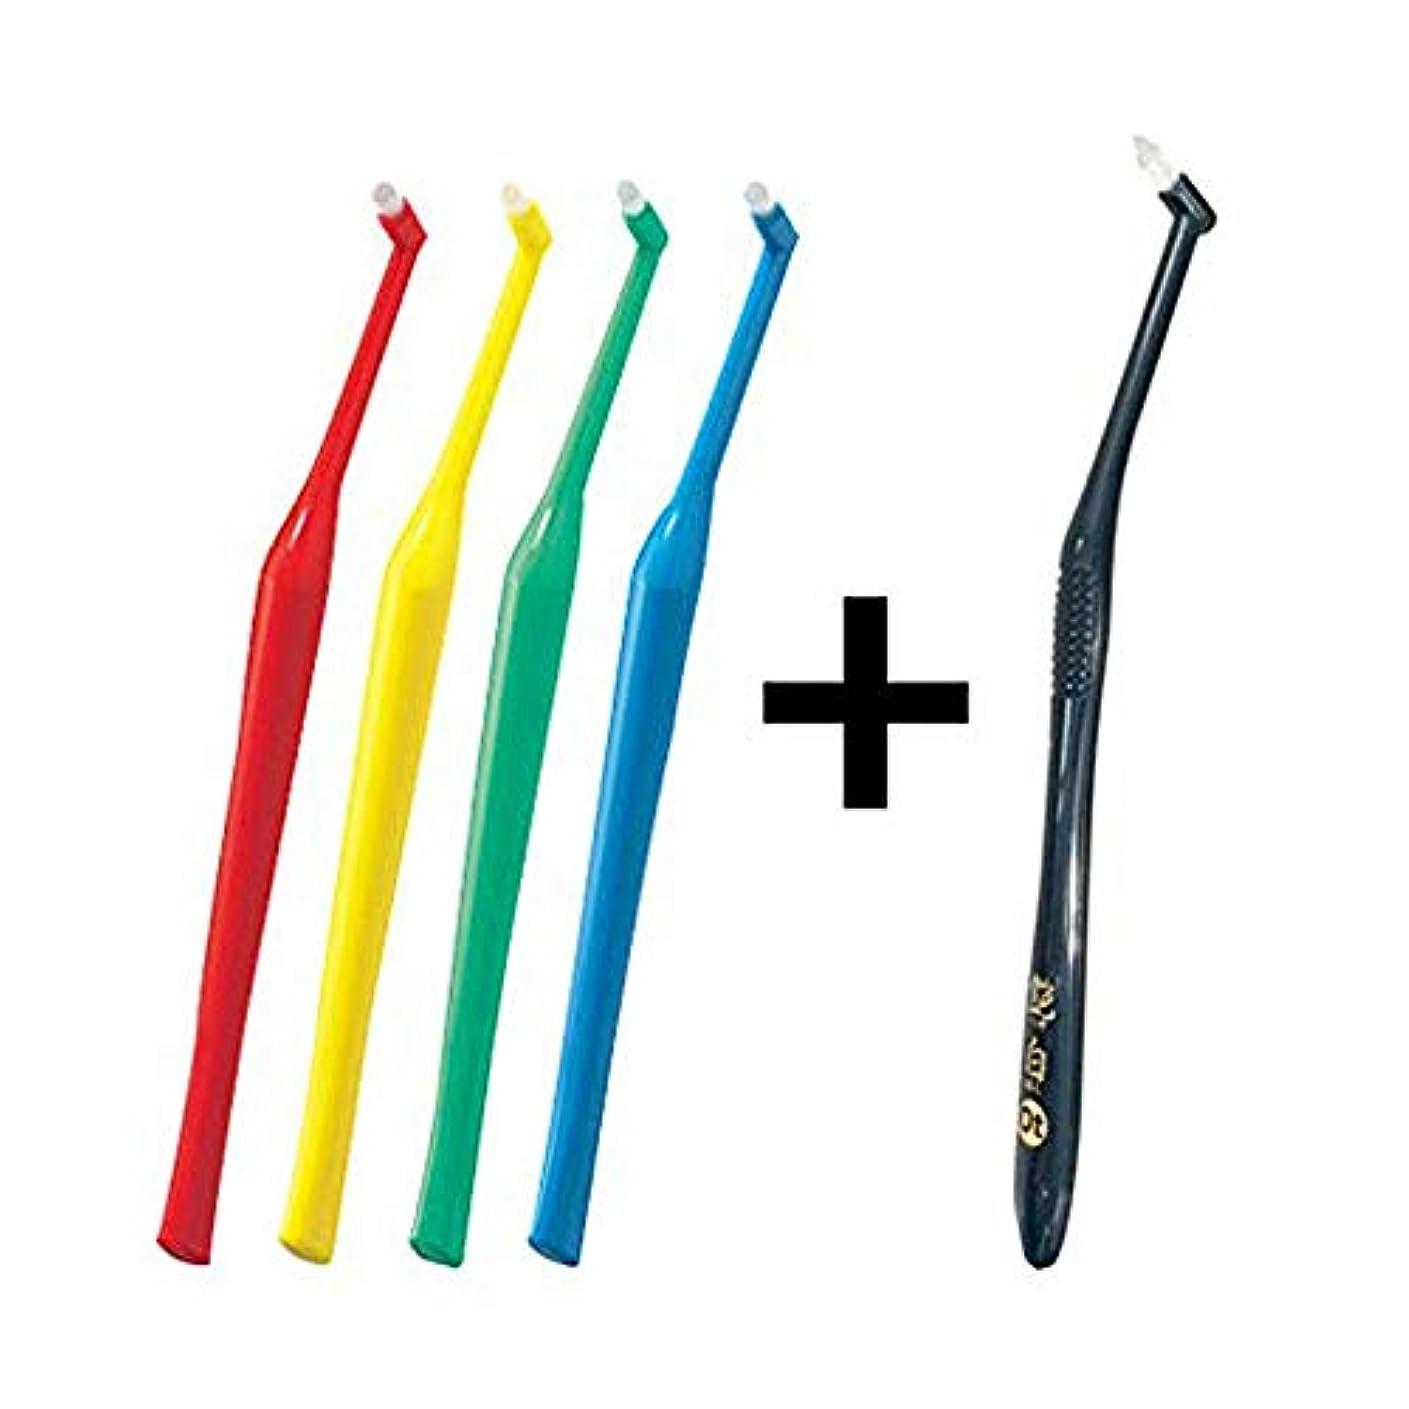 暴徒サンダル憤るプラウト Plaut × 4本 アソート (S(ソフト))+艶白ワンタフト 歯ブラシ 1本 SS(とてもやわらかめ)